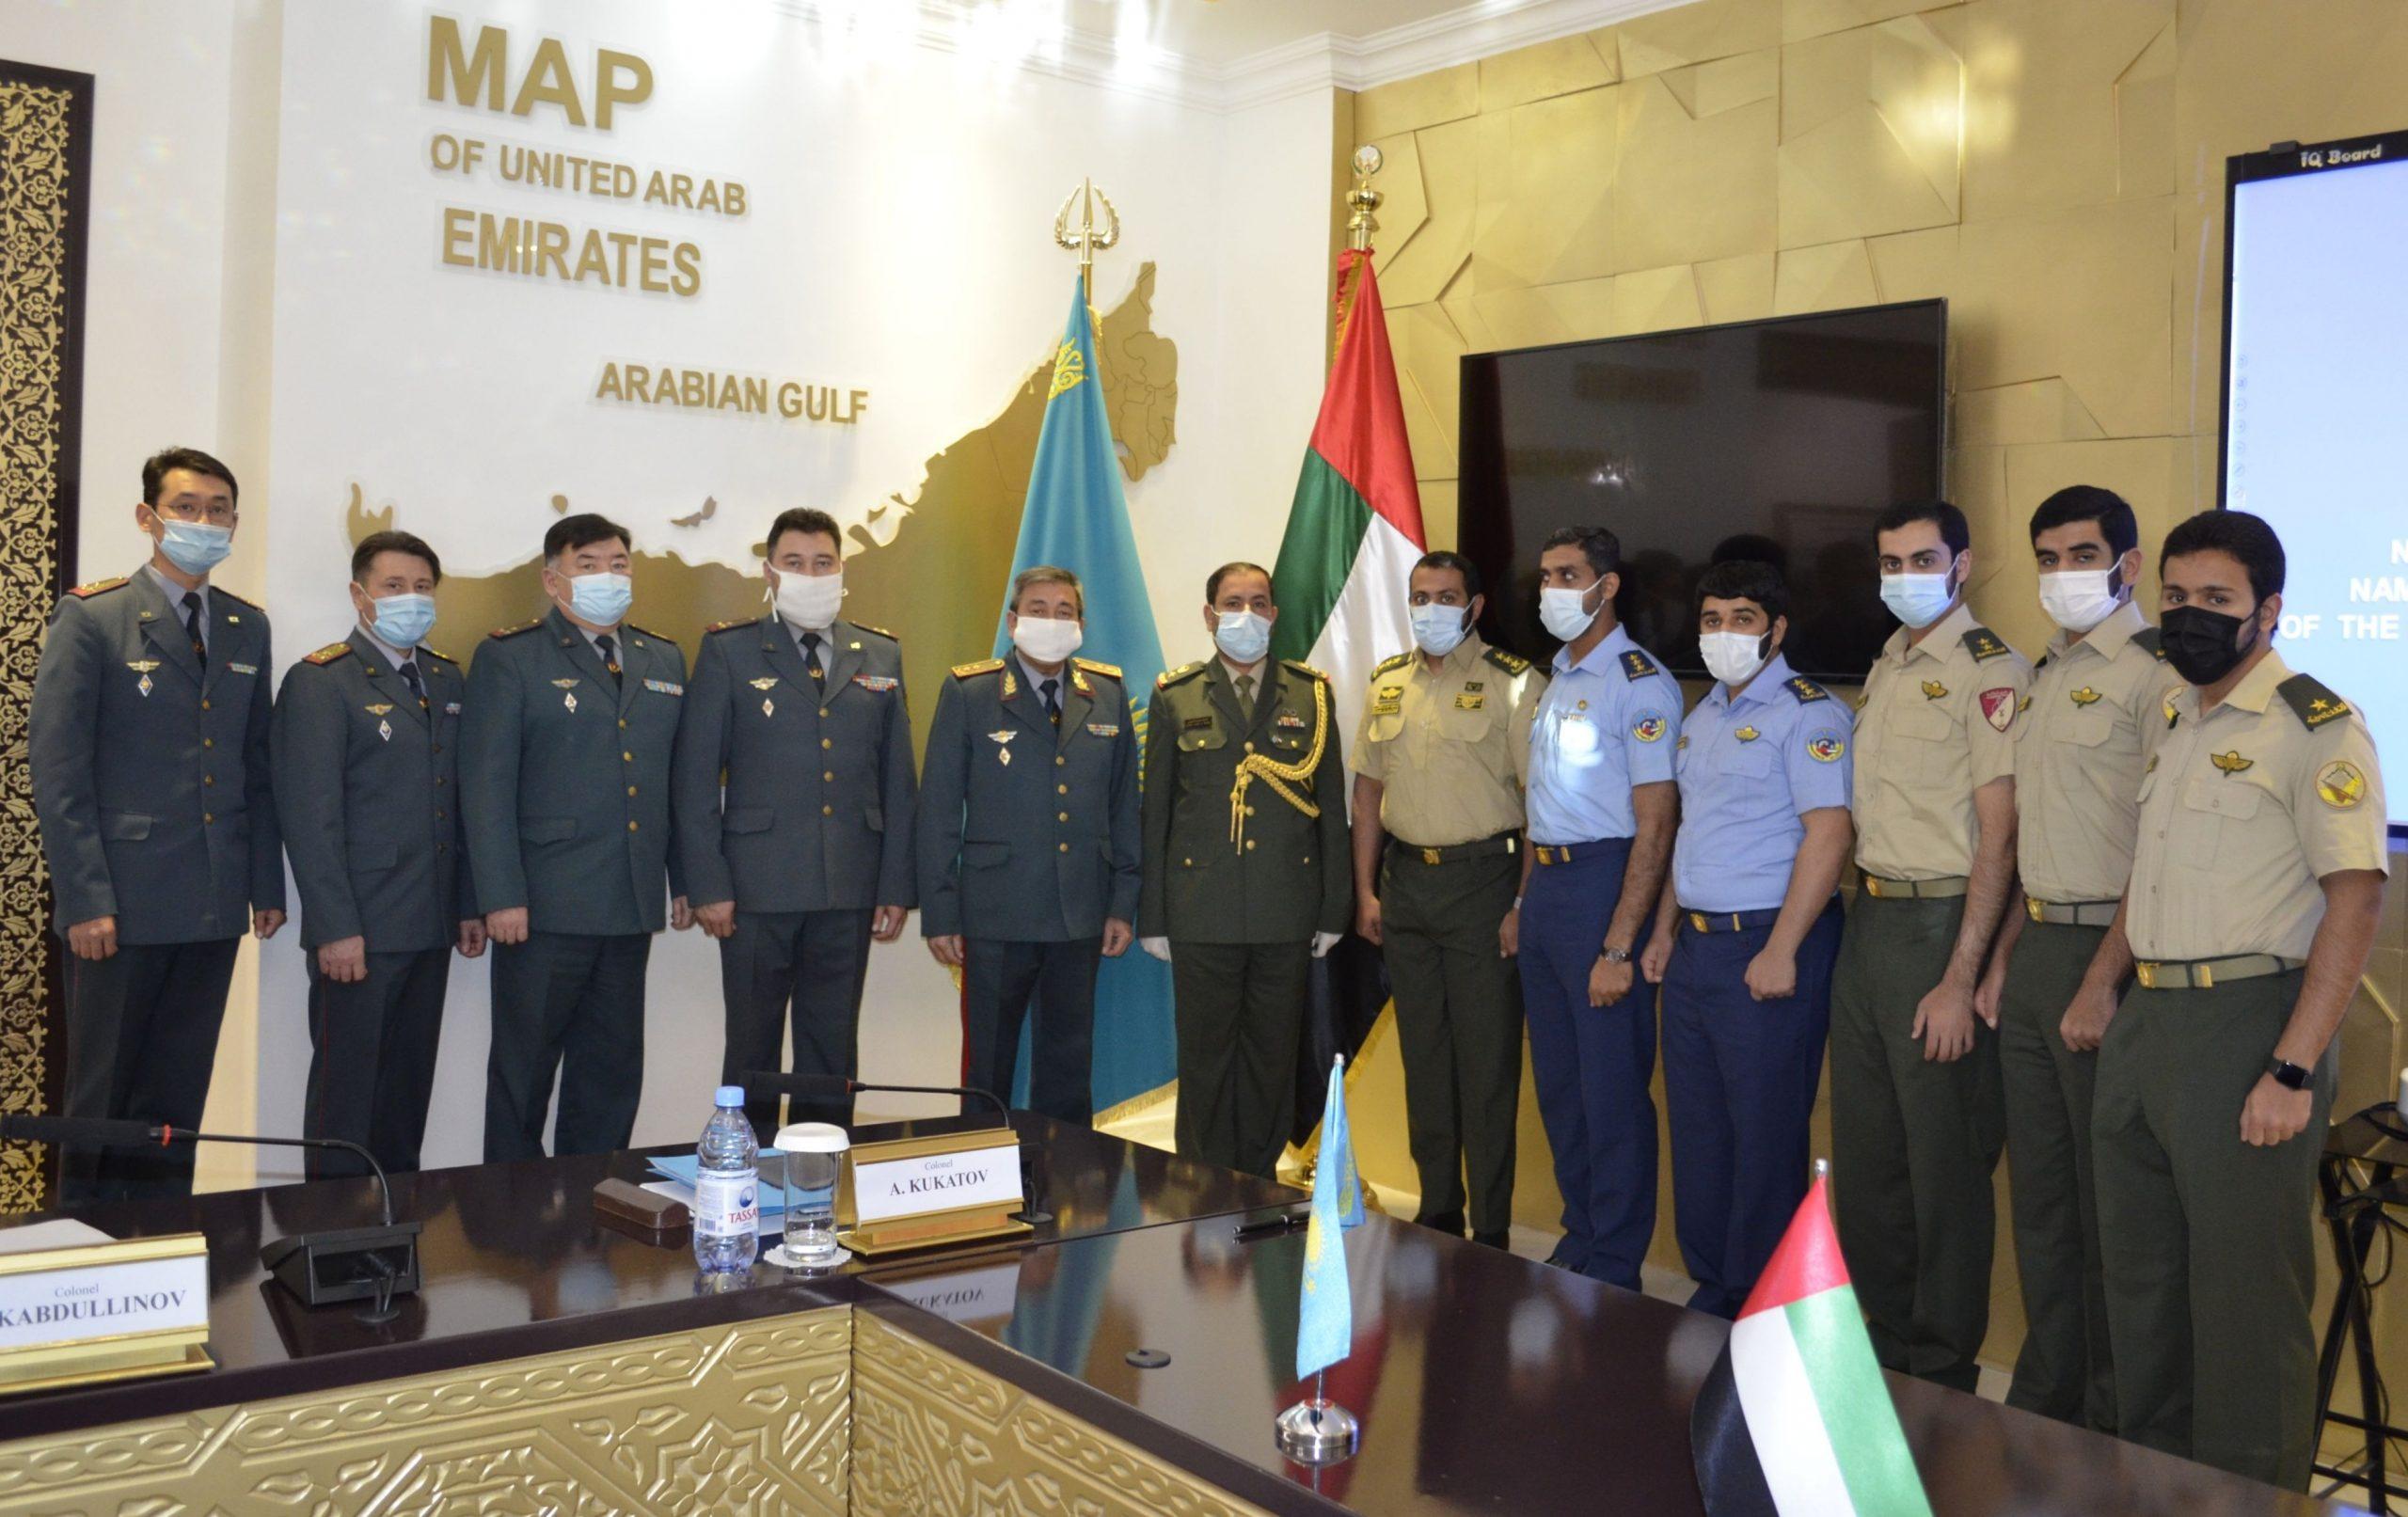 Языковые курсы для военнослужащих ОАЭ в Казахстане